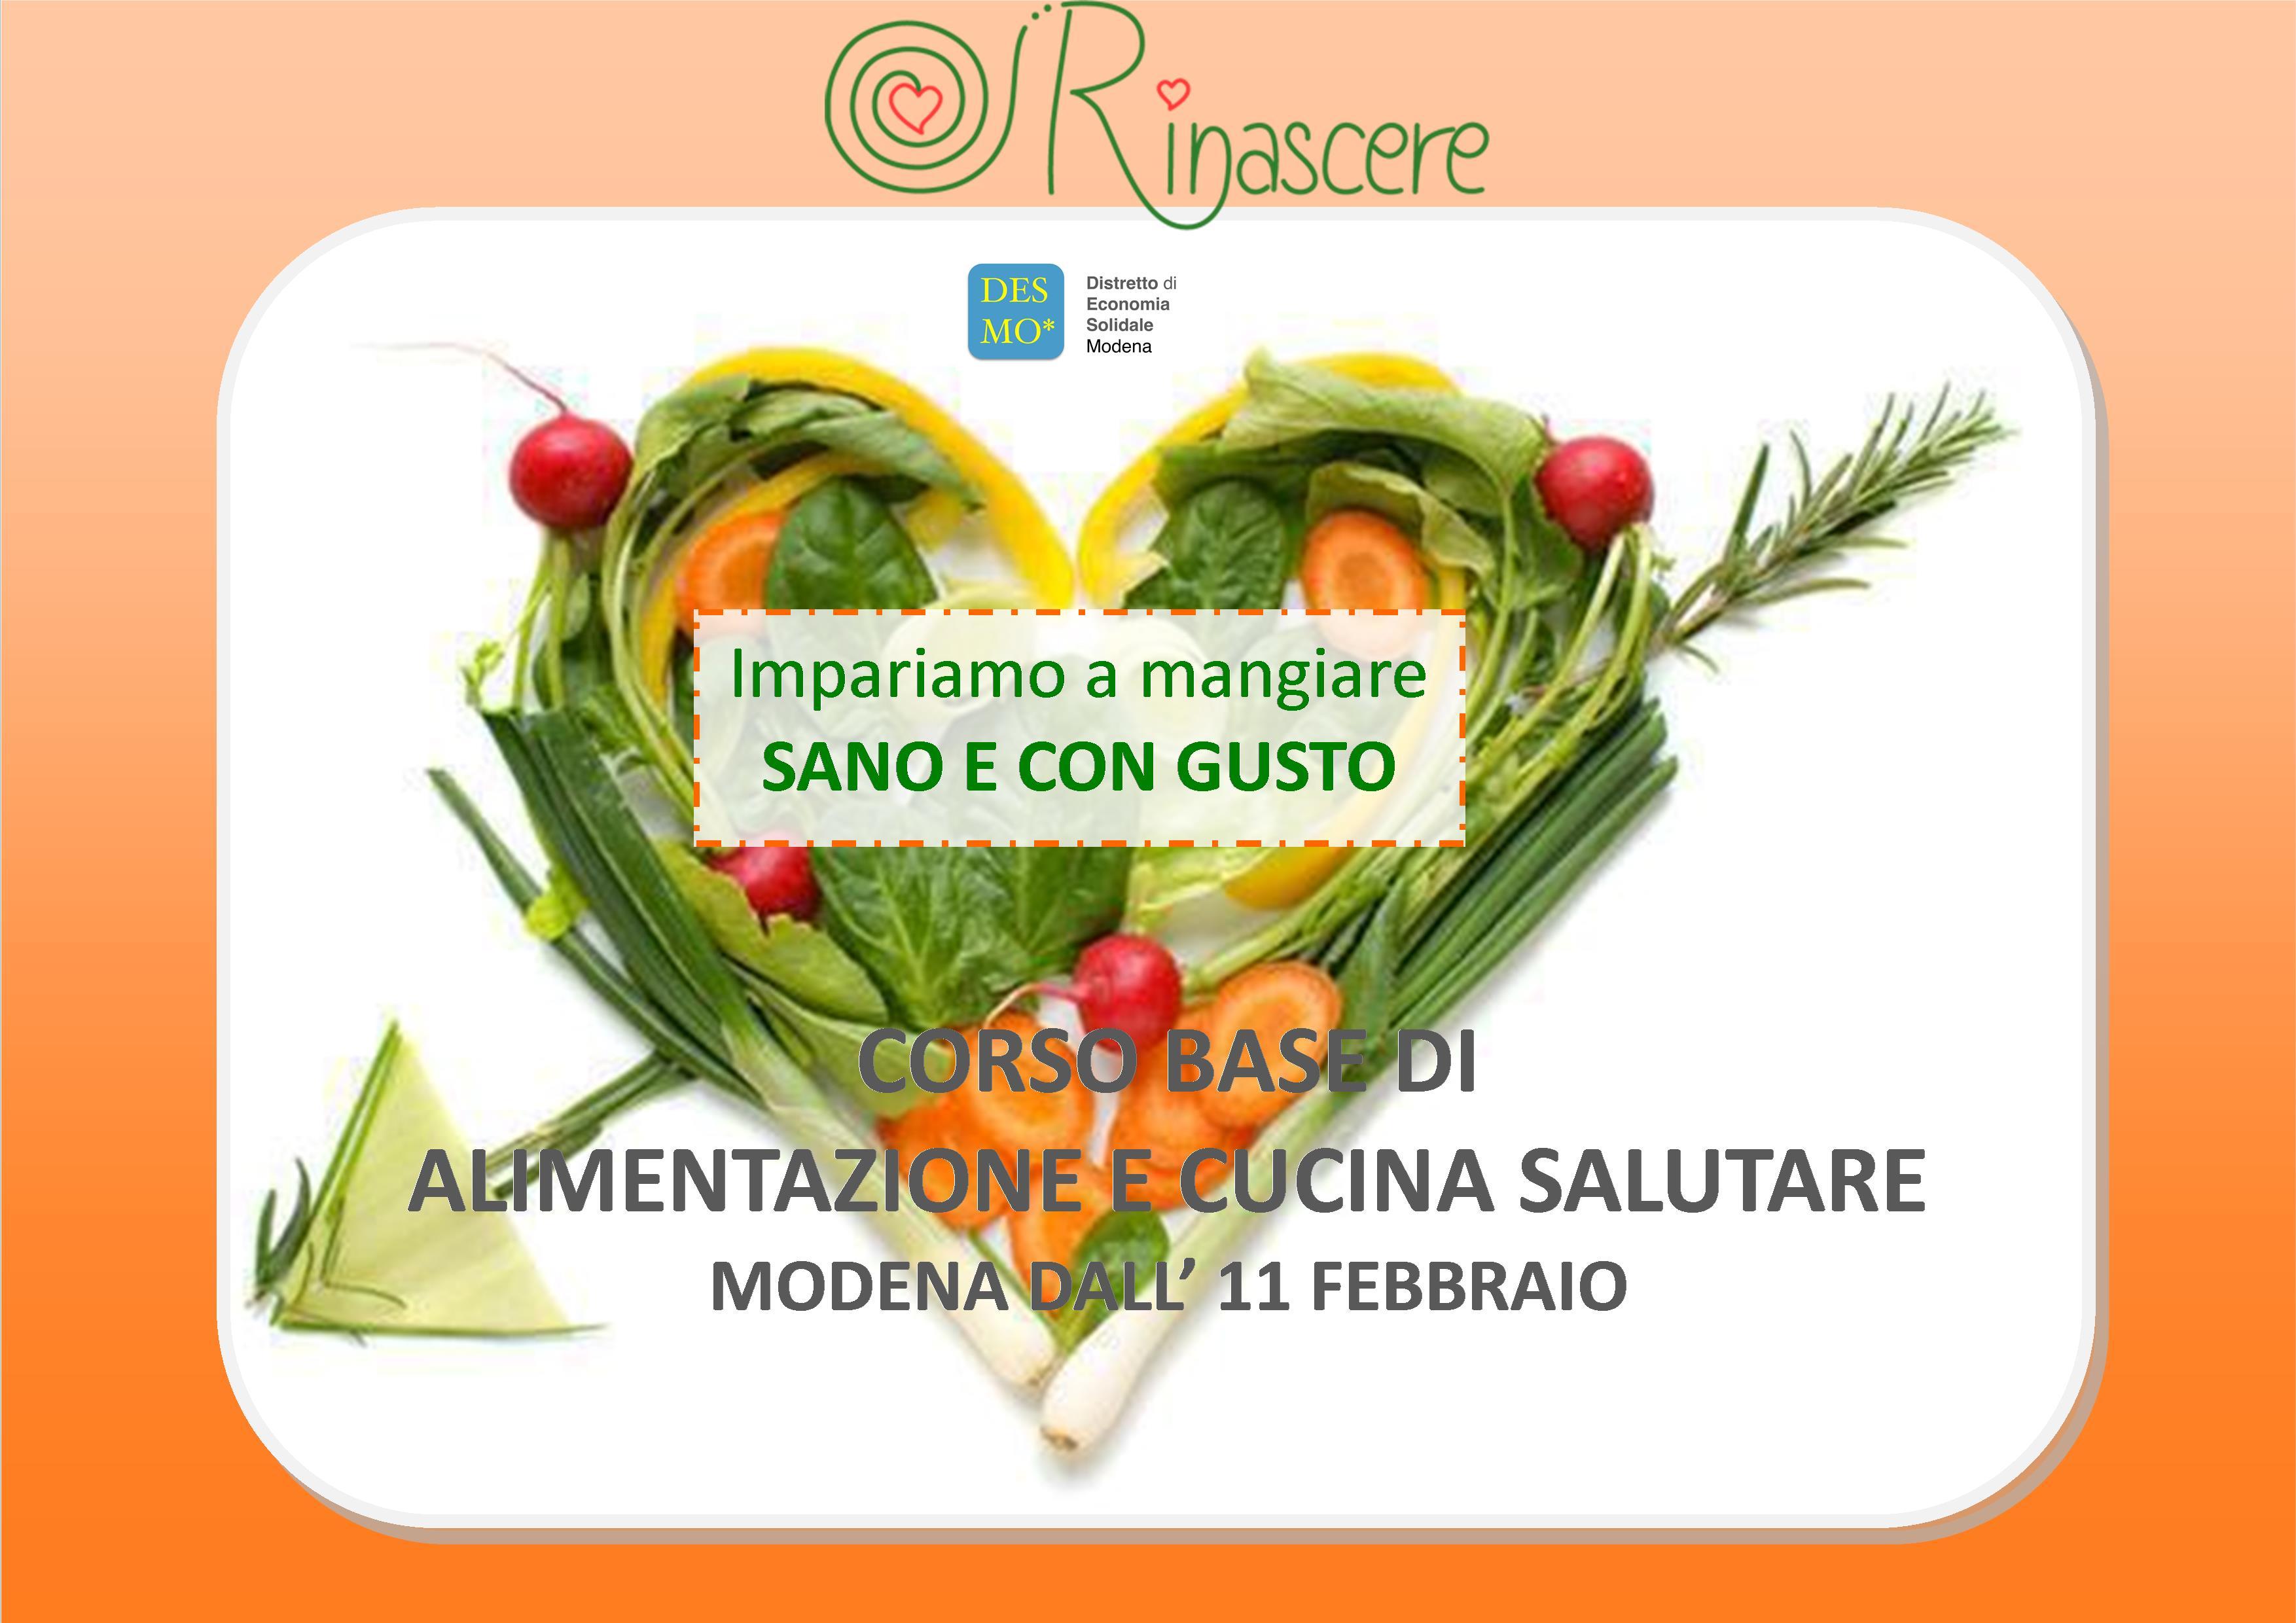 www.desmodena.it - corso base alimentazione e cucina naturale 2015 - Corso Cucina Modena